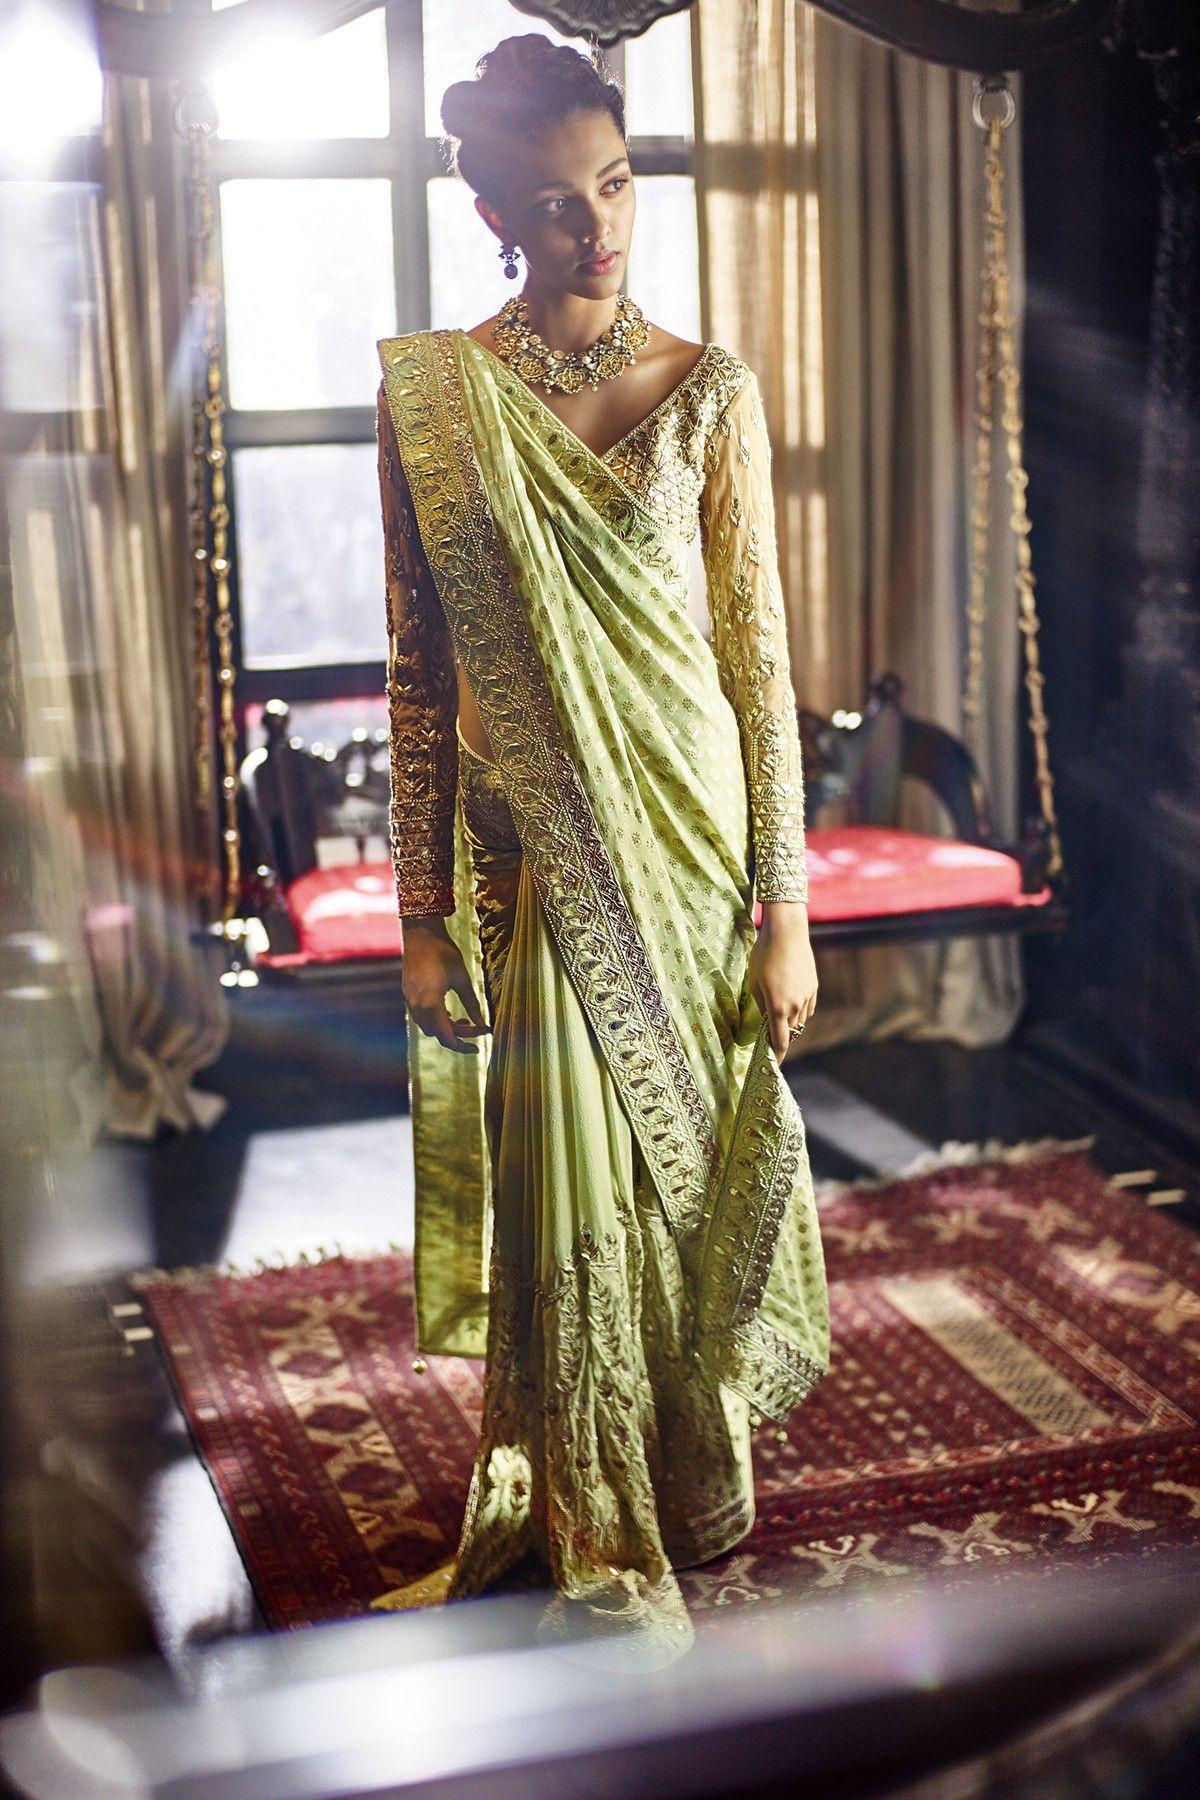 Aaloka the aaloka #sareeanita dongre. | big indian wedding